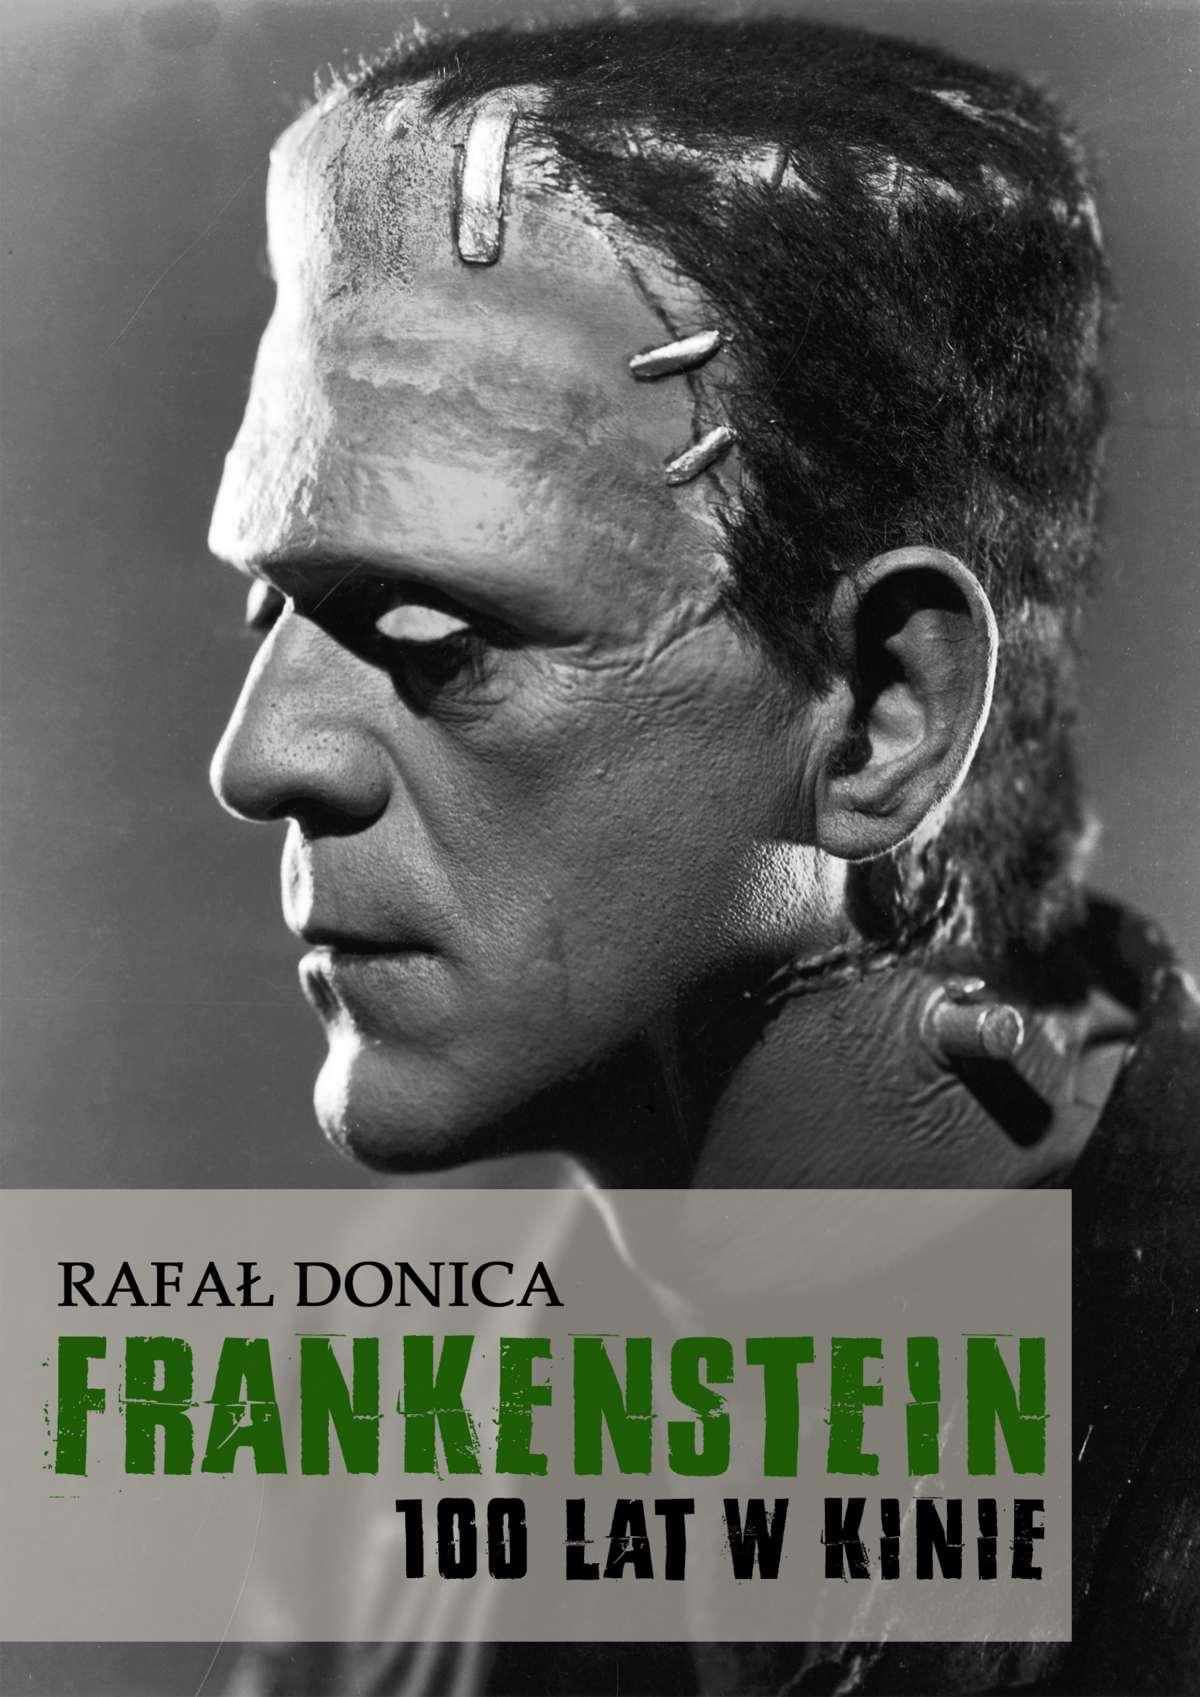 Frankenstein 100 lat w kinie - Ebook (Książka PDF) do pobrania w formacie PDF